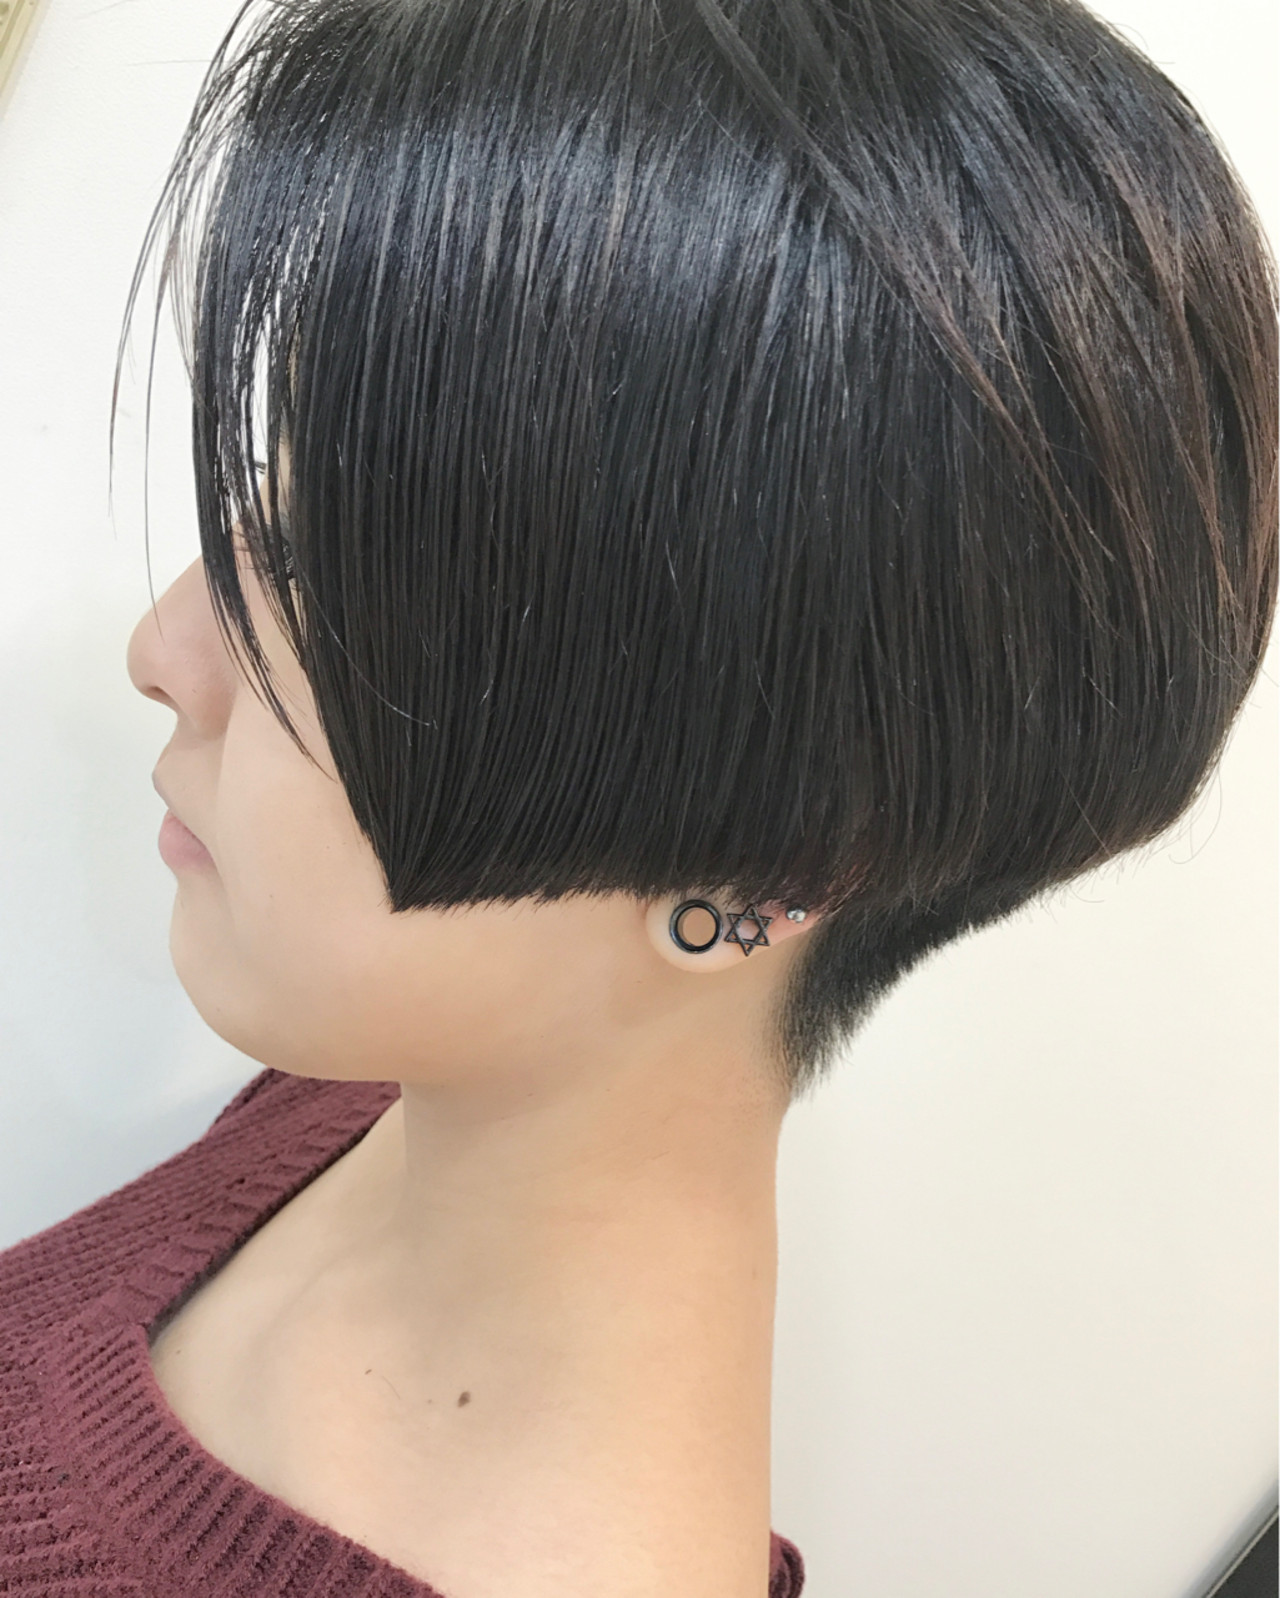 ショート 黒髪 モード ベリーショート ヘアスタイルや髪型の写真・画像